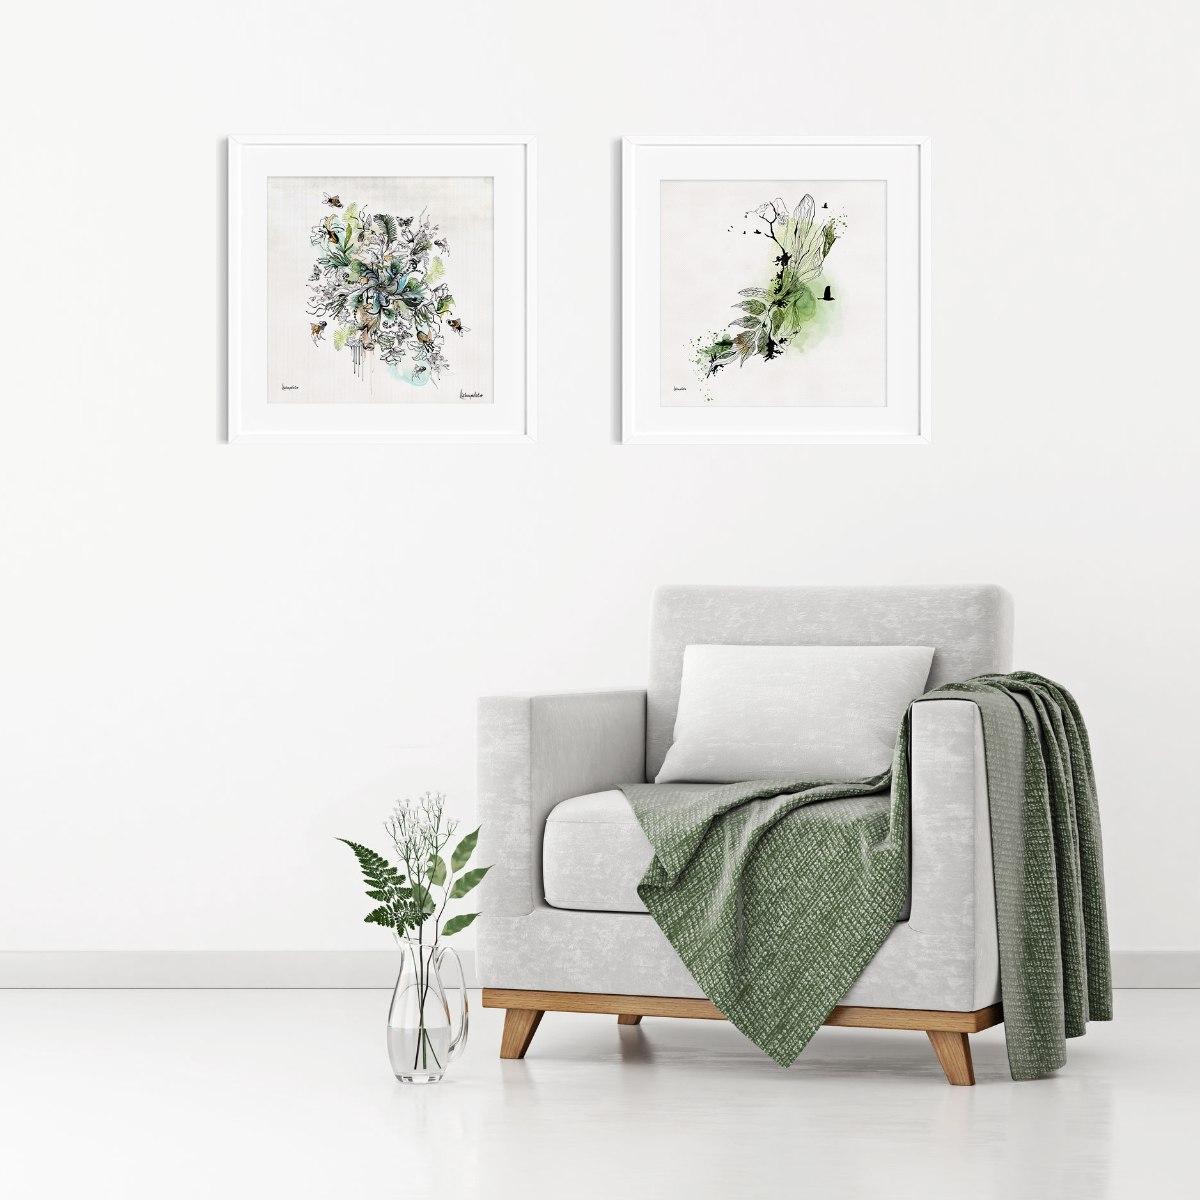 תמונות יפות לסלון אבסטרקט ירוק